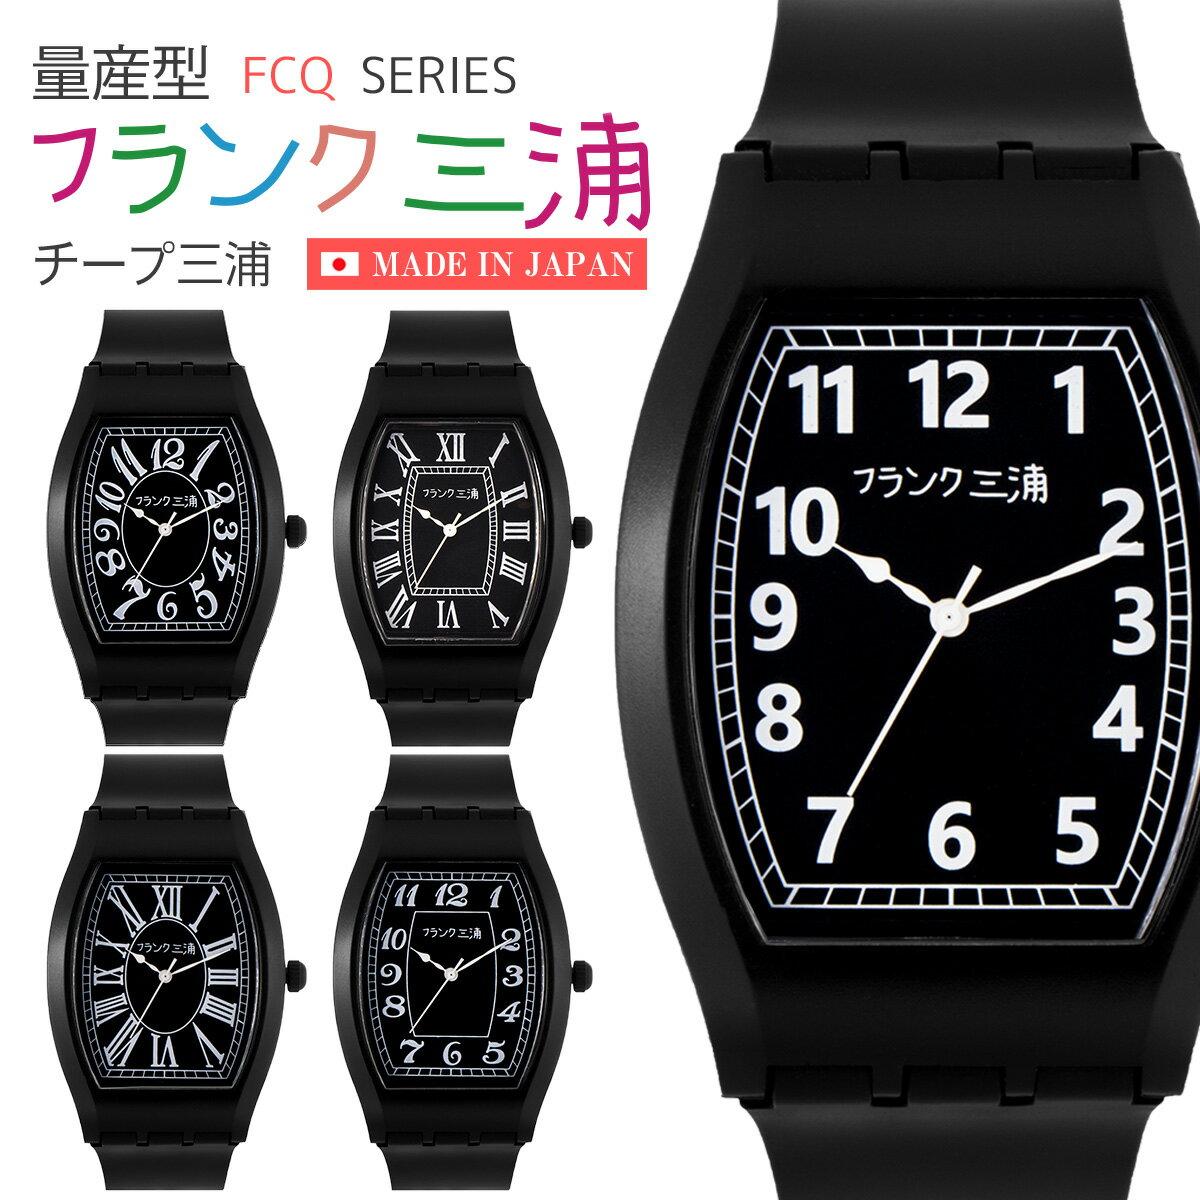 量産型フランク三浦腕時計 誕生日プレゼント 贈り物 トノー型 チープ三浦 チープミウラ